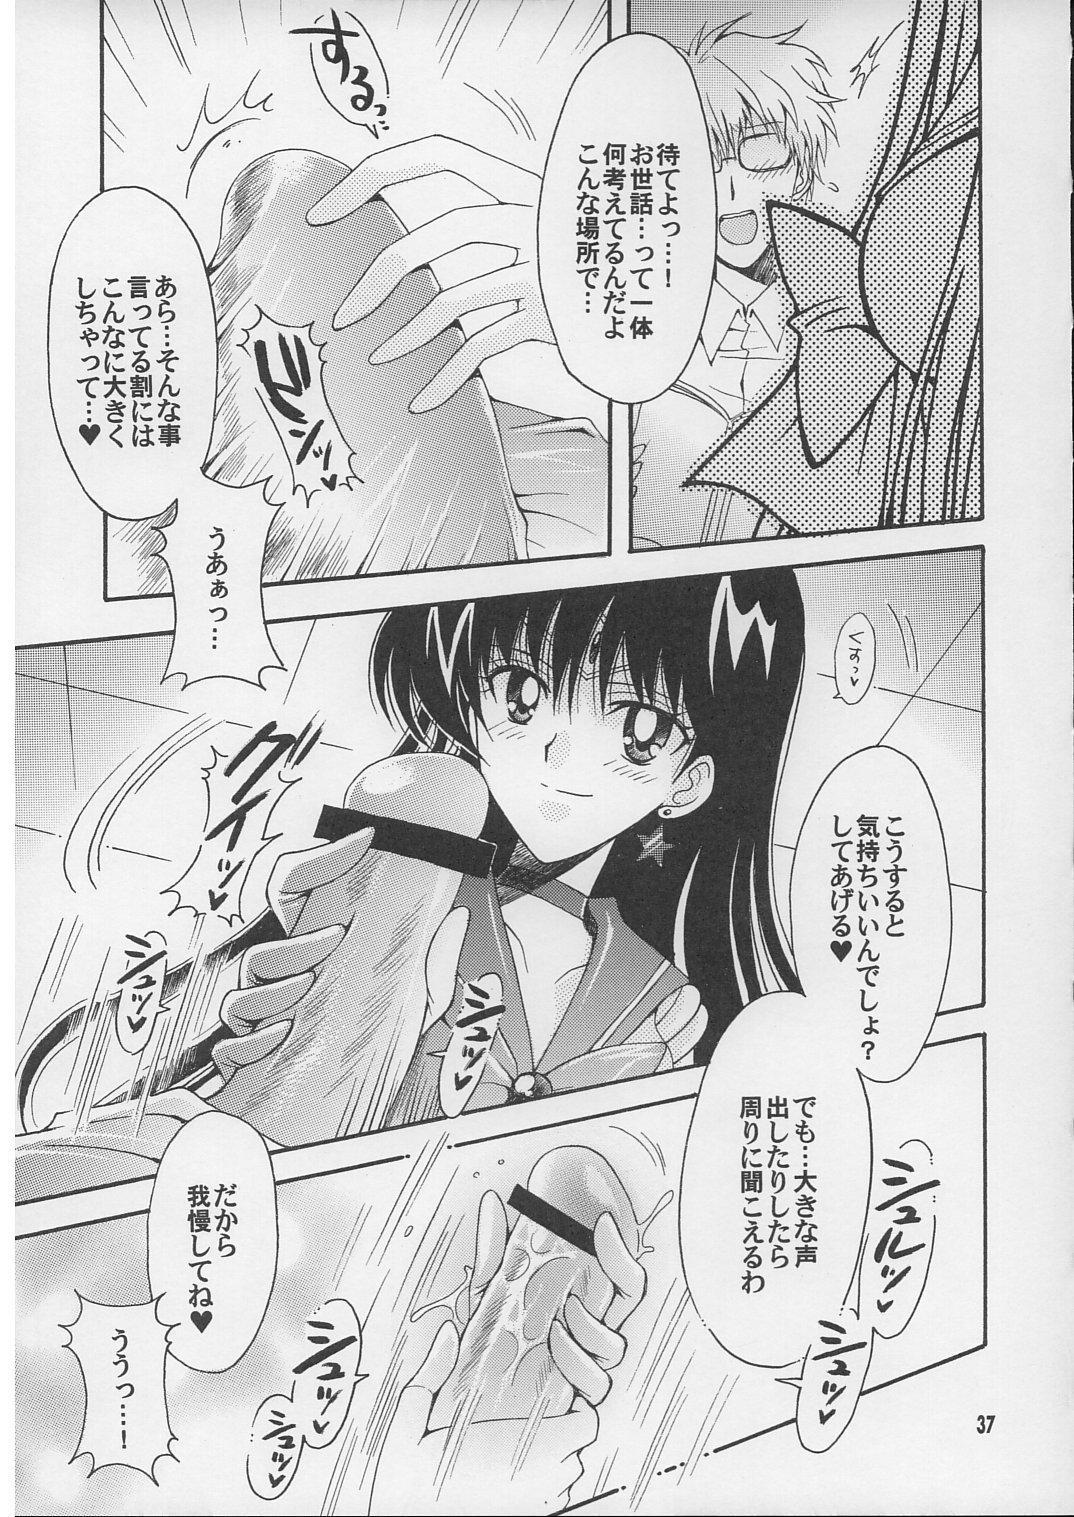 Boku no kanojyo wa Sailor Senshi 2 35